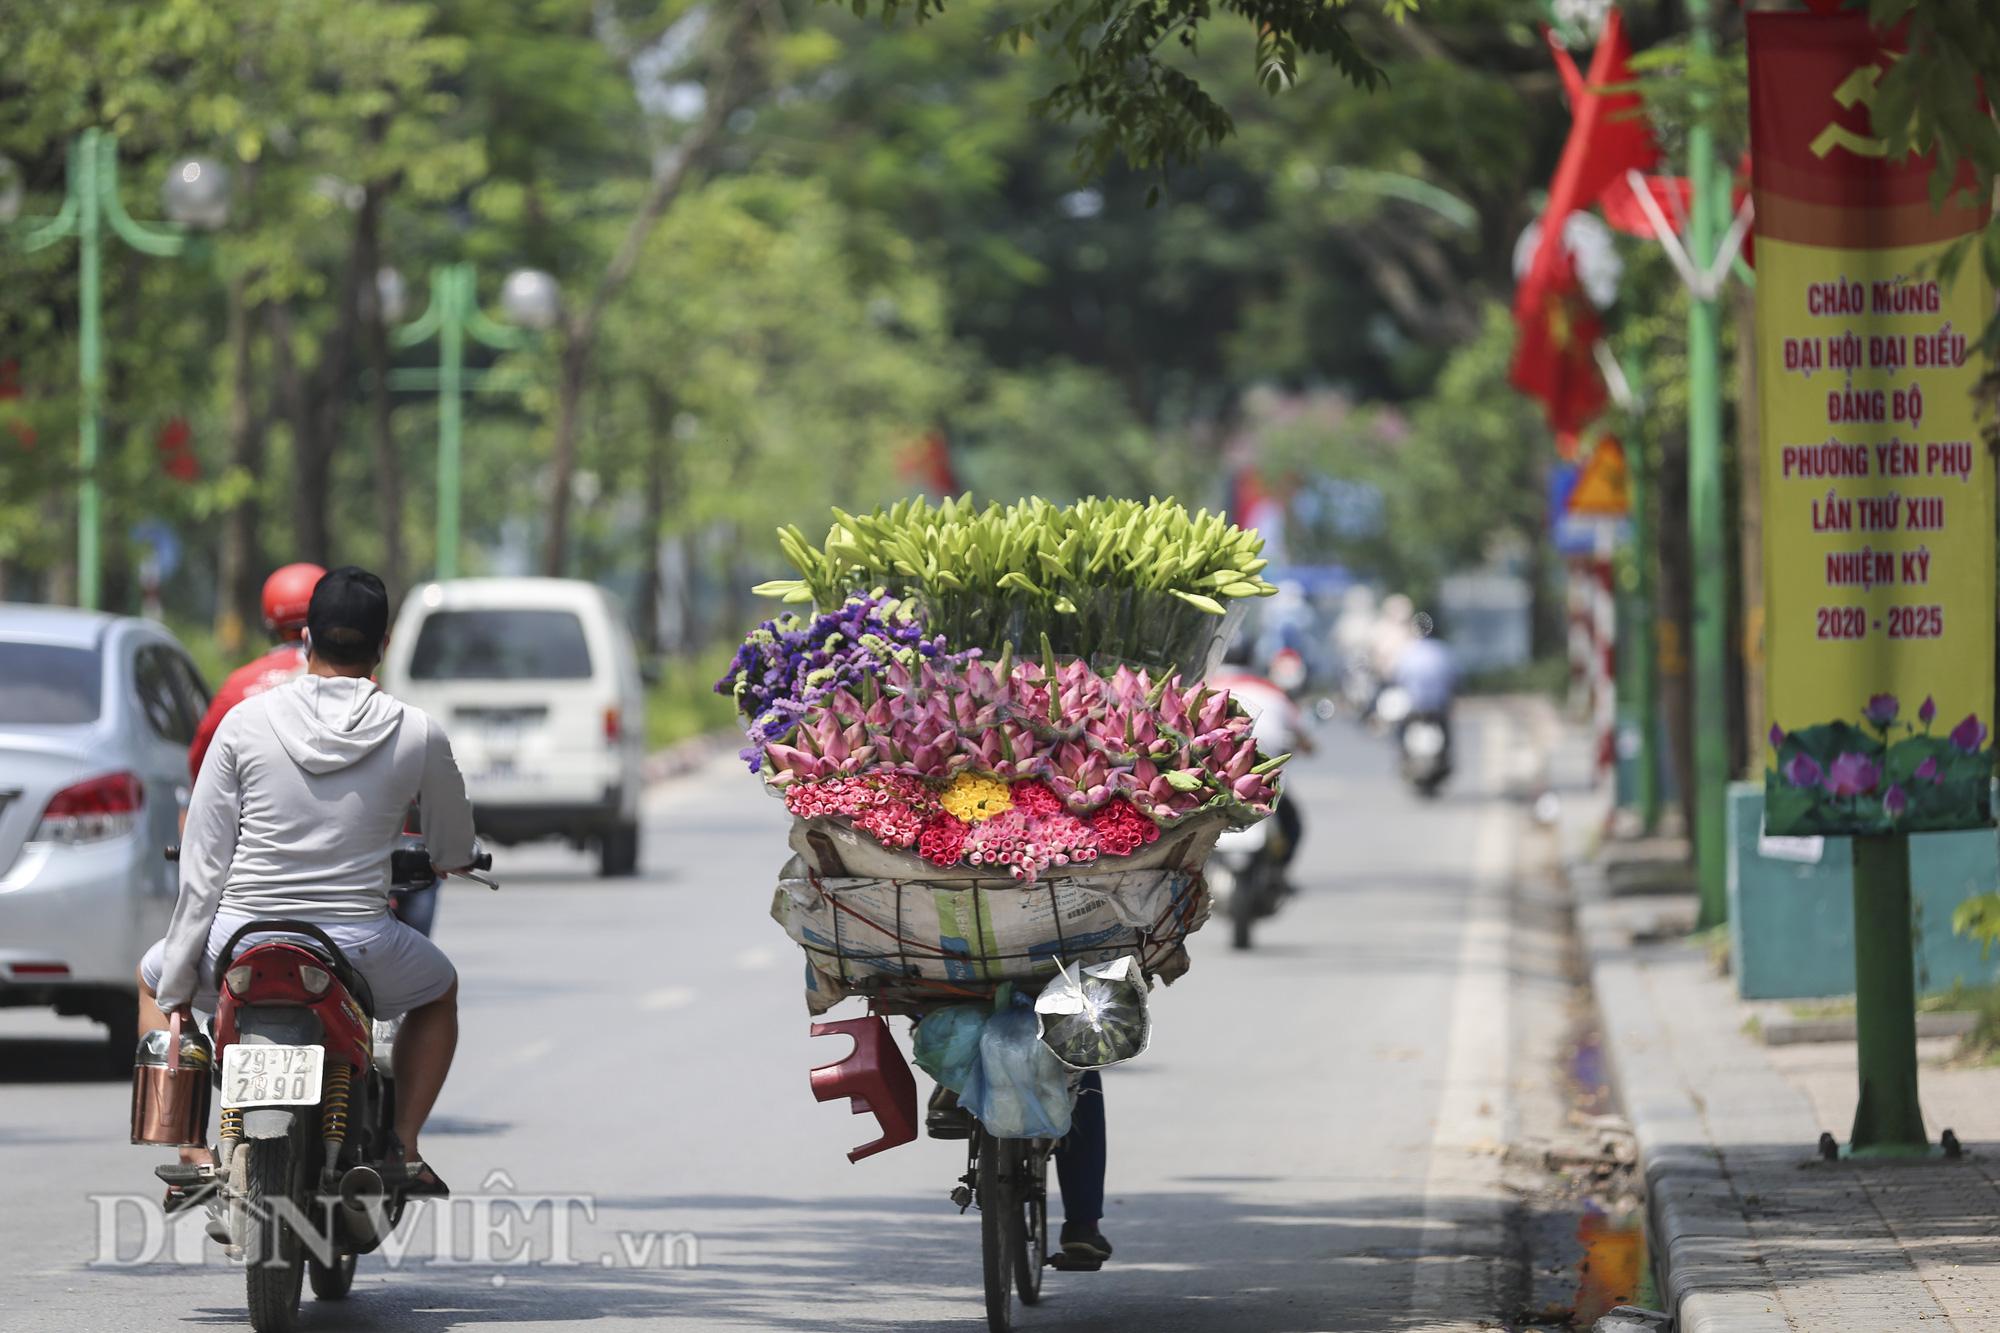 Sen đầu mua khoe sắc, len lỏi khắp phố phường Hà Nội - Ảnh 12.